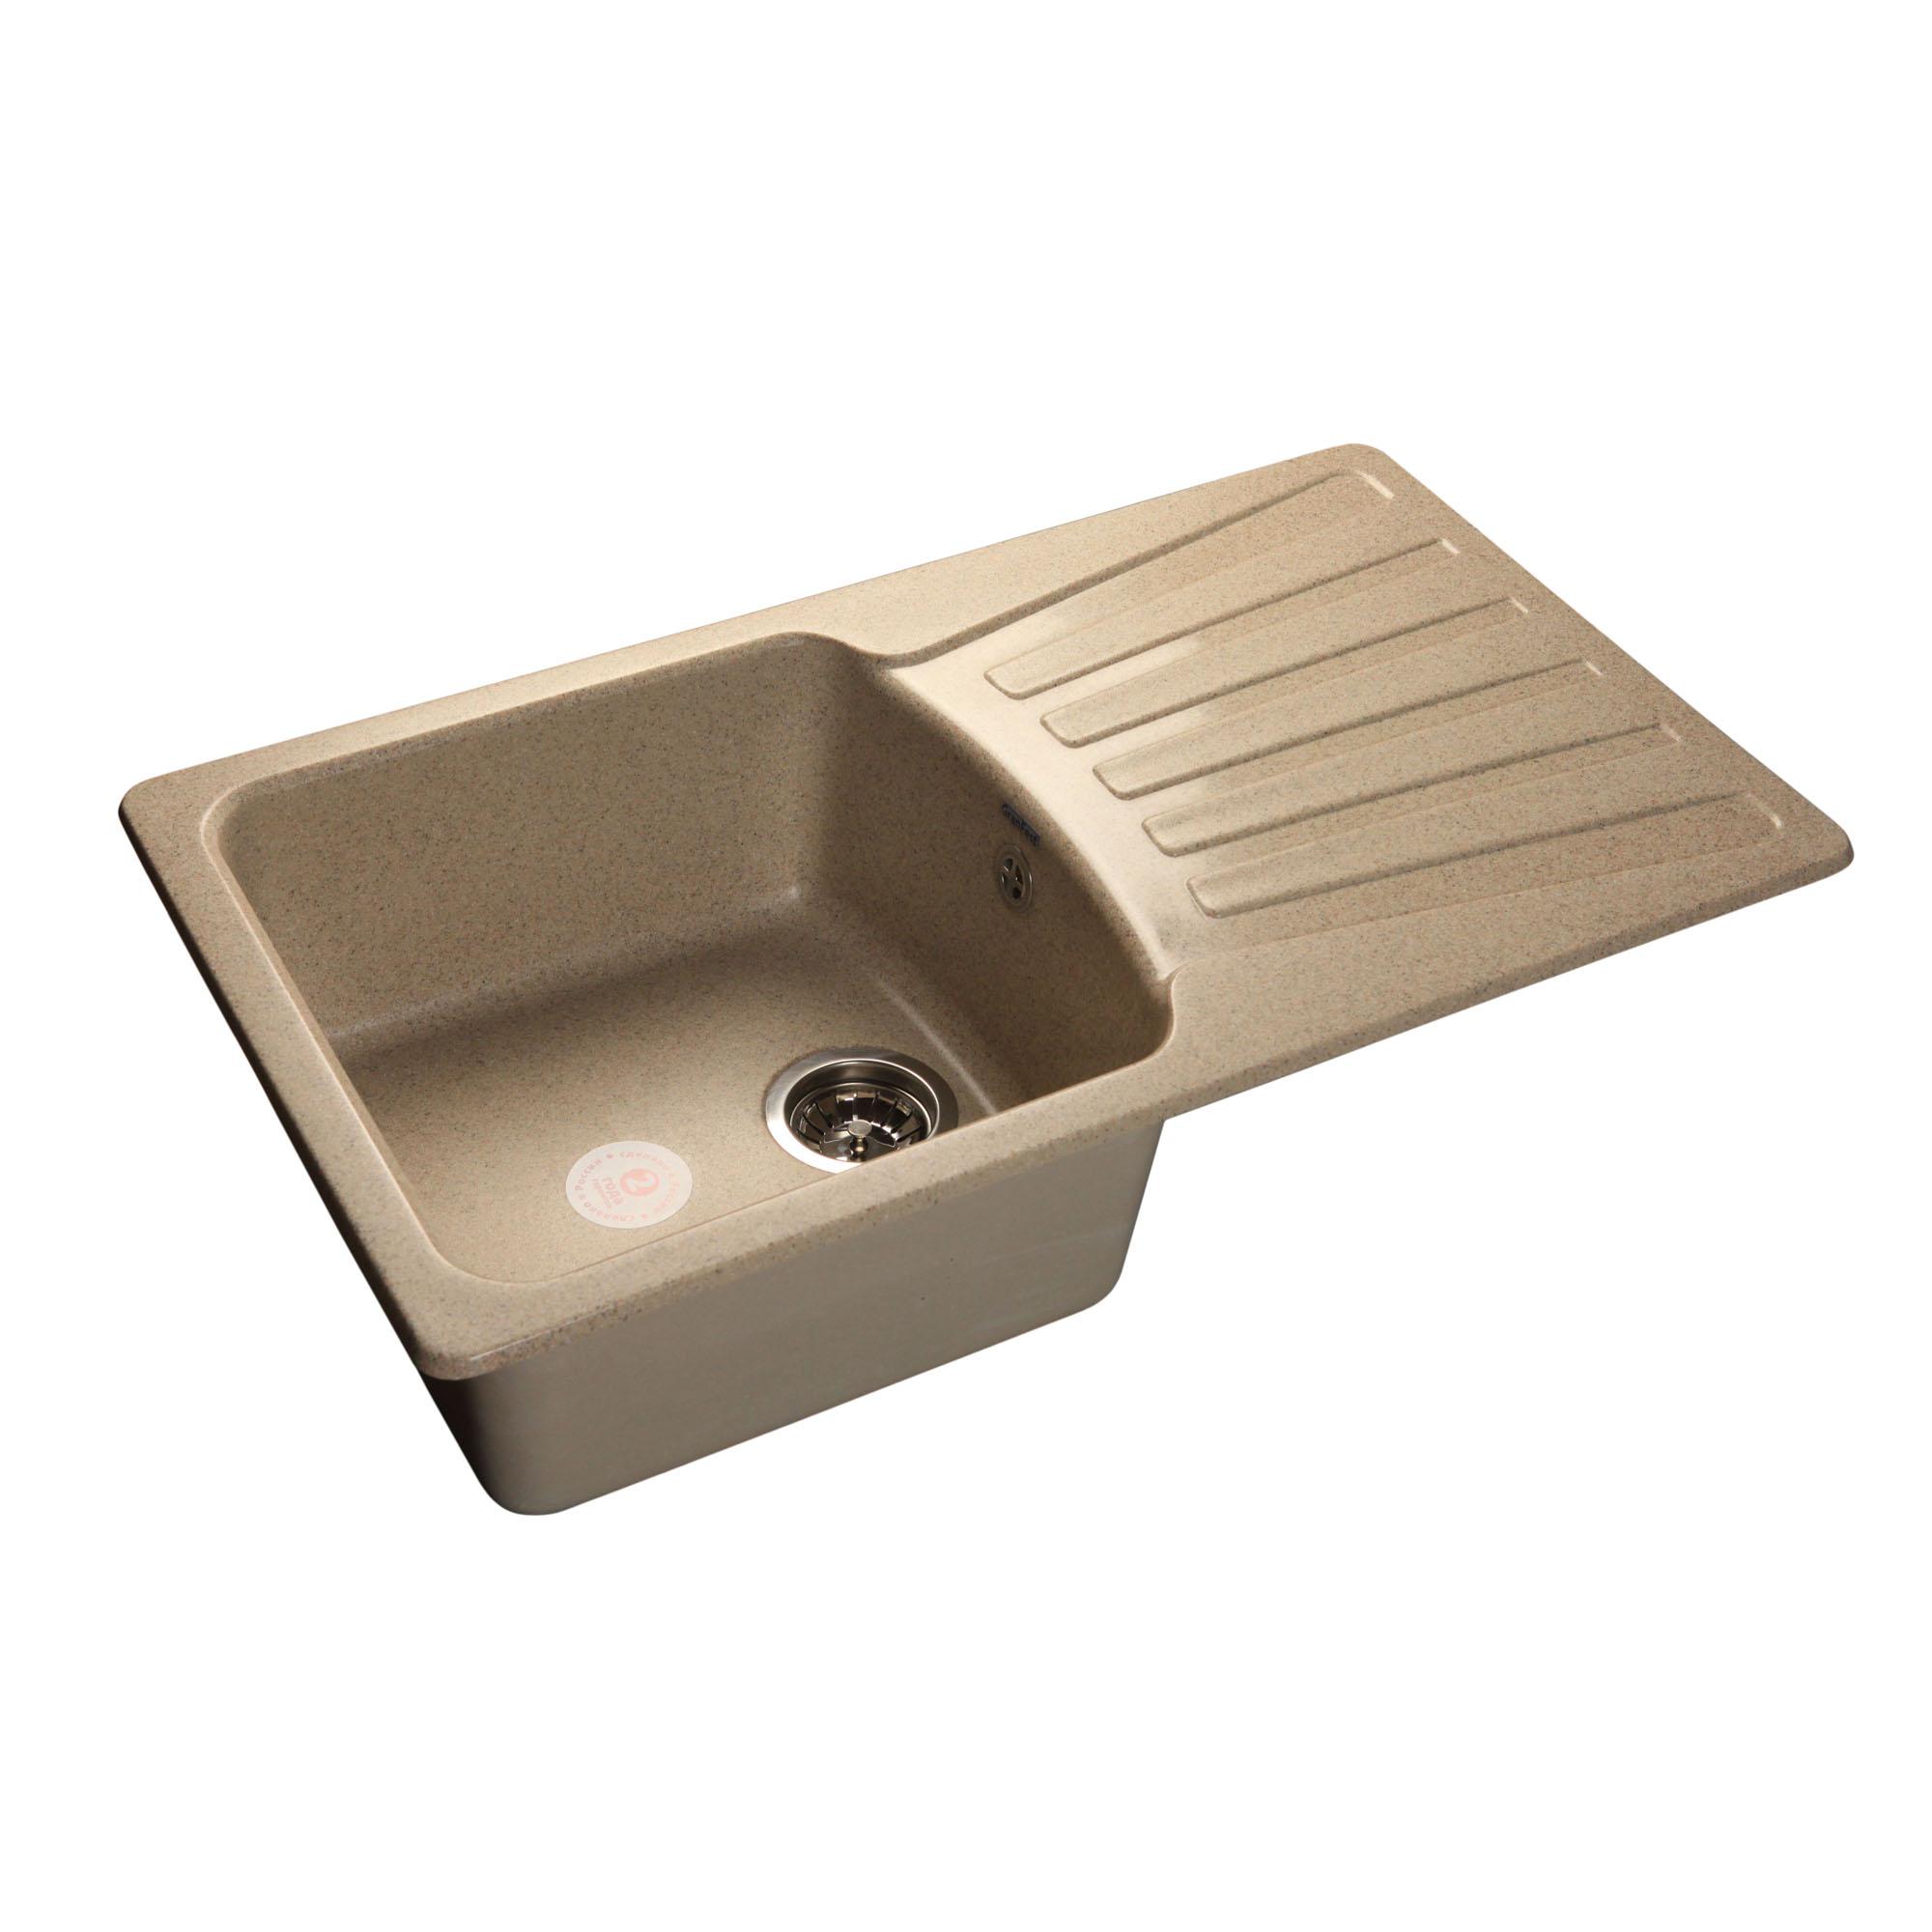 Кухонная мойка GranFest Standart GF-S850L песочный мойка кухонная granfest гранит 850x495 gf s850l терракот